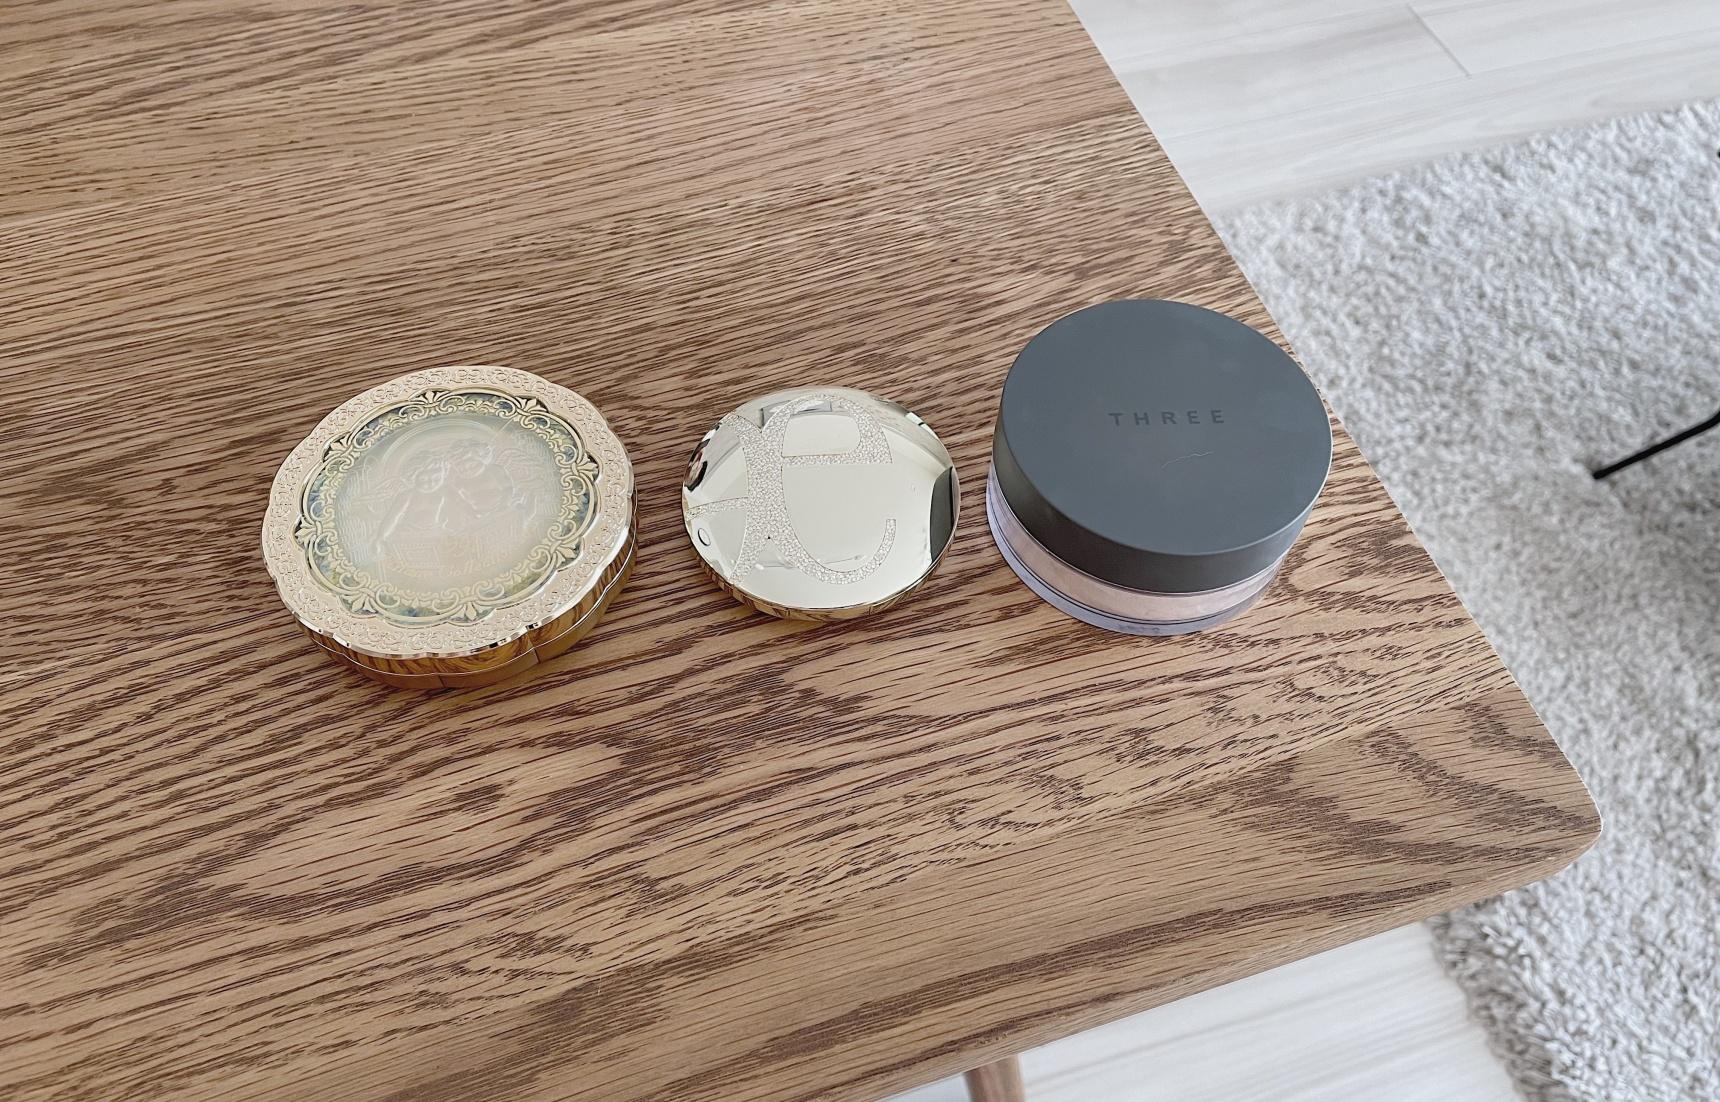 日本美妆测评|3款人气蜜粉饼&蜜粉大揭秘!用对了就是自带滤镜效果